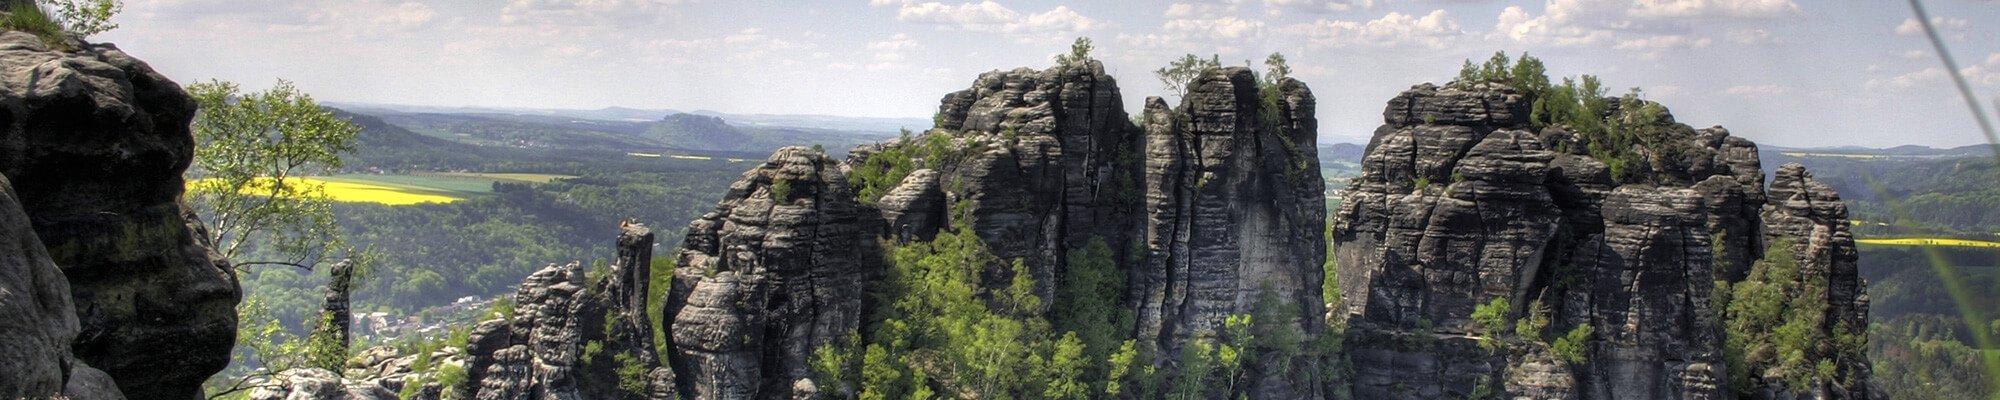 Elbsandsteingebirge Bad Schandau